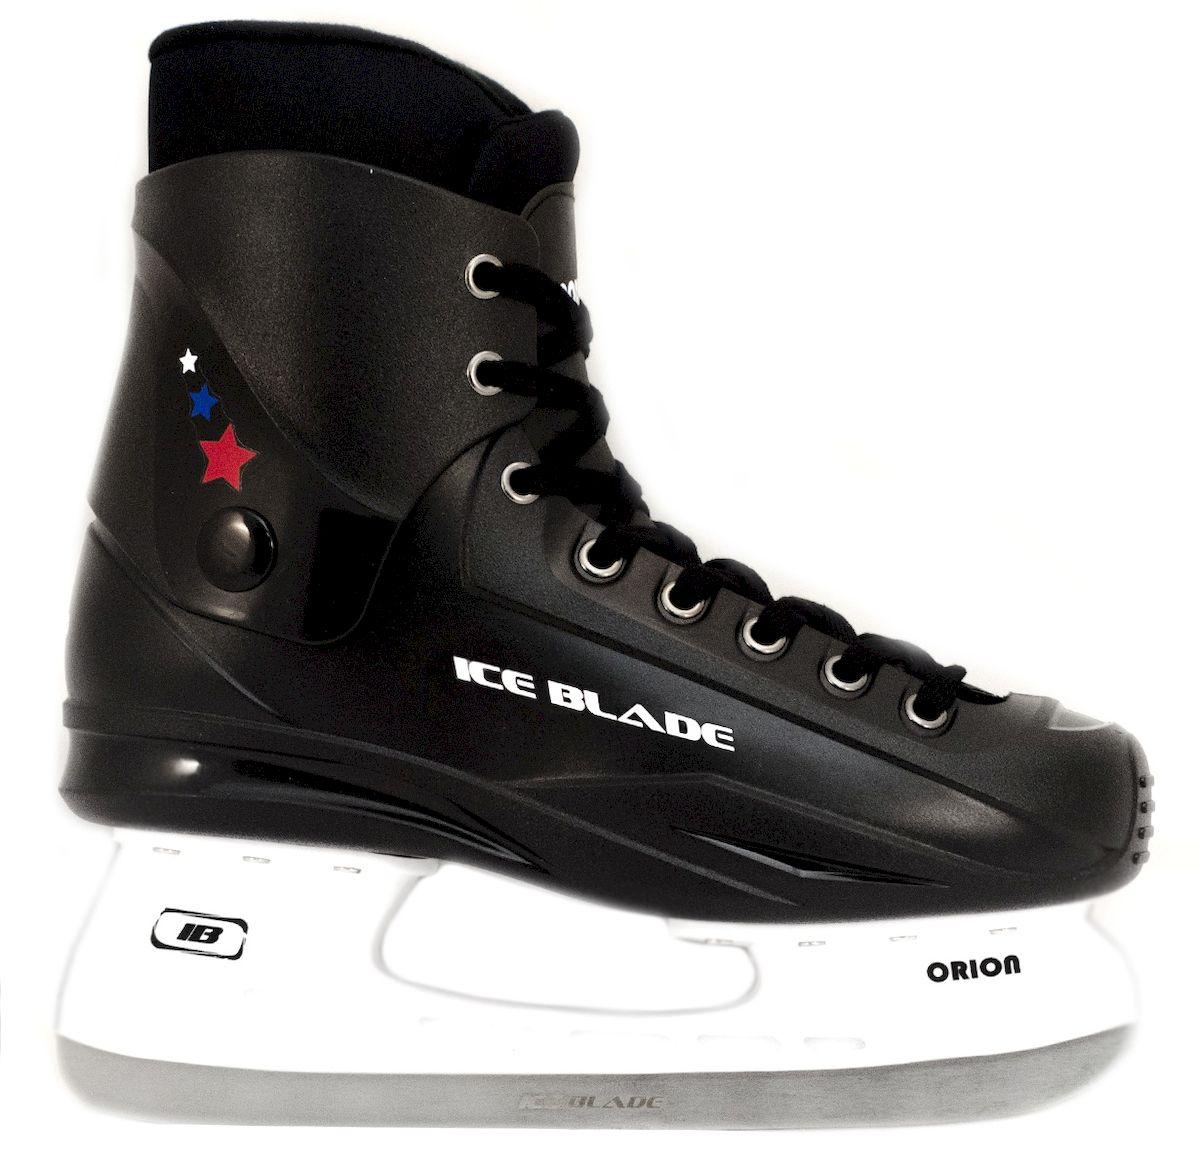 Коньки хоккейные Ice Blade Orion, цвет: черный. УТ-00004984. Размер 43УТ-00004984Коньки хоккейные Ice Blade Orion - это хоккейные коньки для любых возрастов. Конструкция прекрасно защищает стопу, очень комфортна для активного катания, а также позволяет играть в хоккей. Легкий ботинок очень комфортный как для простого катания на льду, так и для любительского хоккея. Ботинок выполнен из высококачественного морозостойкого пластика и нейлоновой сетки. Внутренний сапожок утеплен мягким и дышащим вельветом, а язычок усилен специальной вставкой для большей безопасности стопы. Лезвие изготовлено из высокоуглеродистой стали, что гарантирует прочность и долговечность.Удобная система фиксации ноги и улучшенная колодка сделают катание комфортным и безопасным.